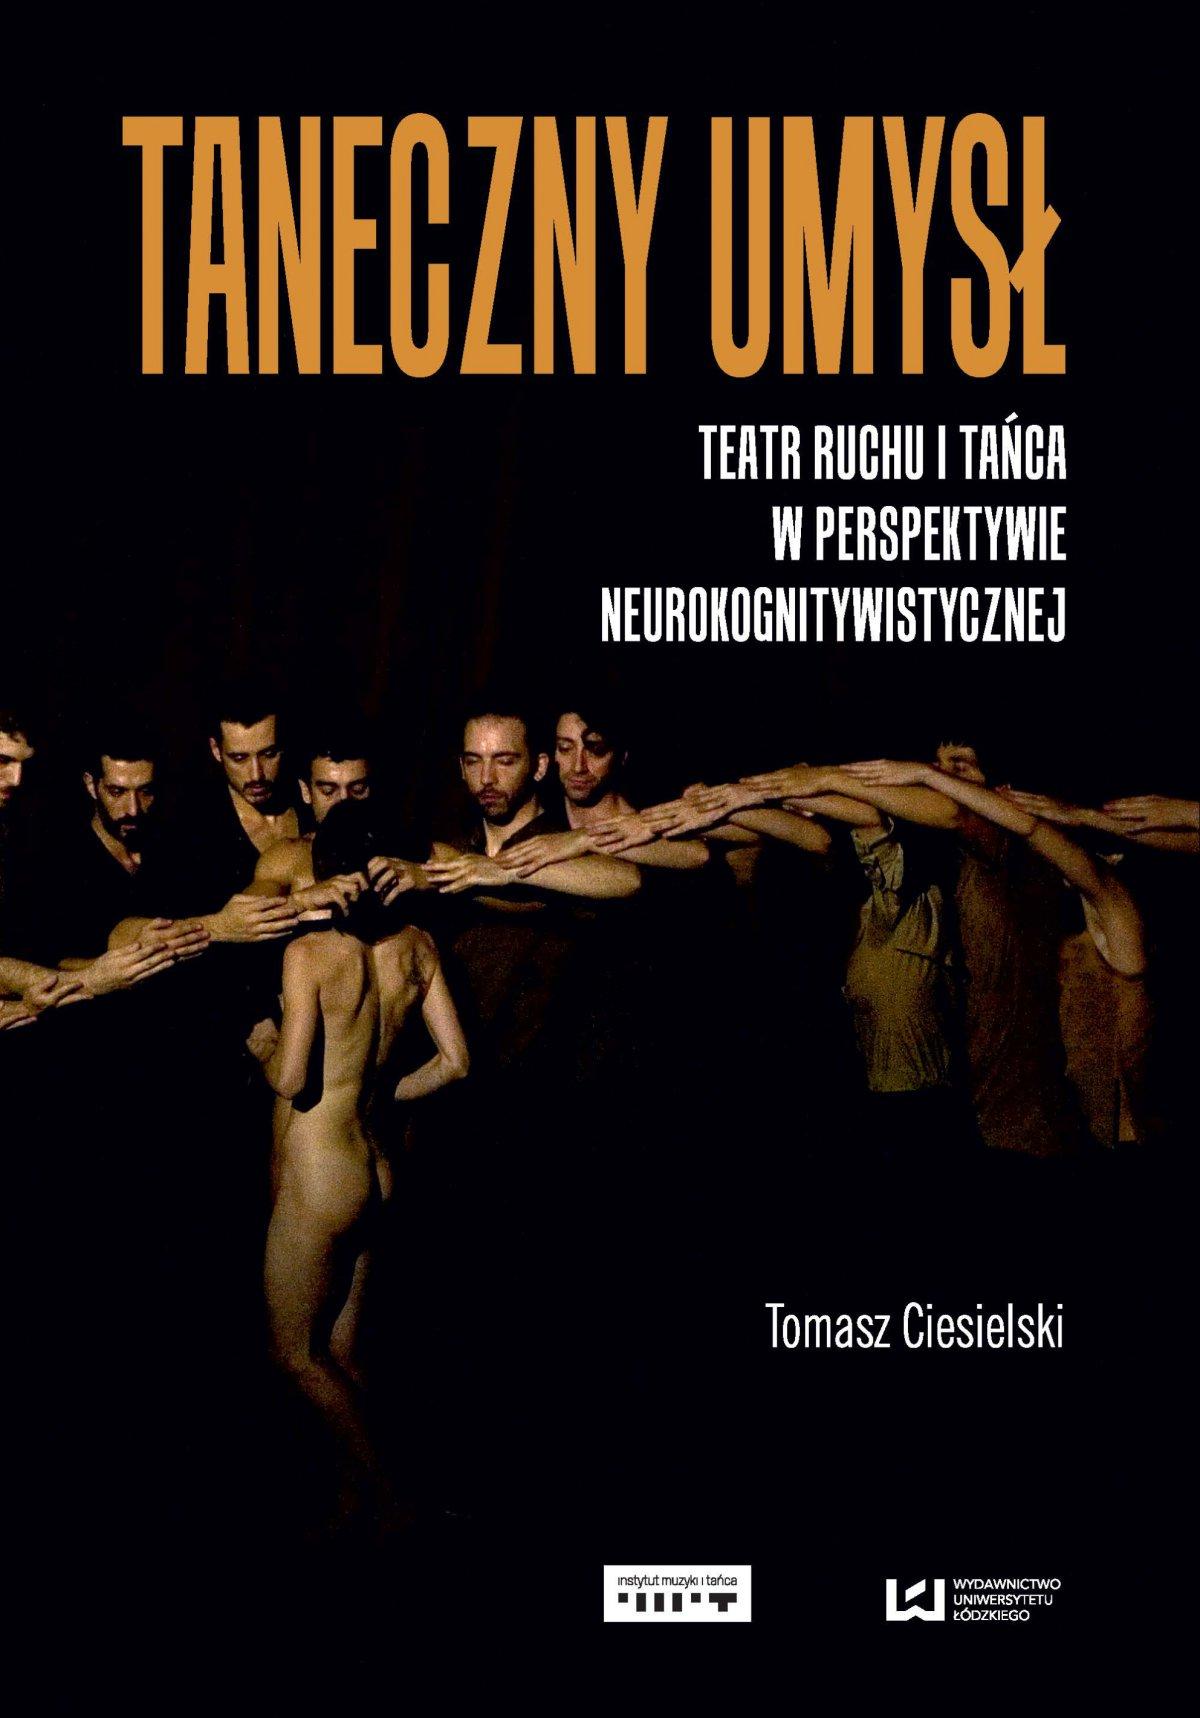 Taneczny umysł. Teatr ruchu i tańca w perspektywie neurokognitywistycznej - Ebook (Książka na Kindle) do pobrania w formacie MOBI